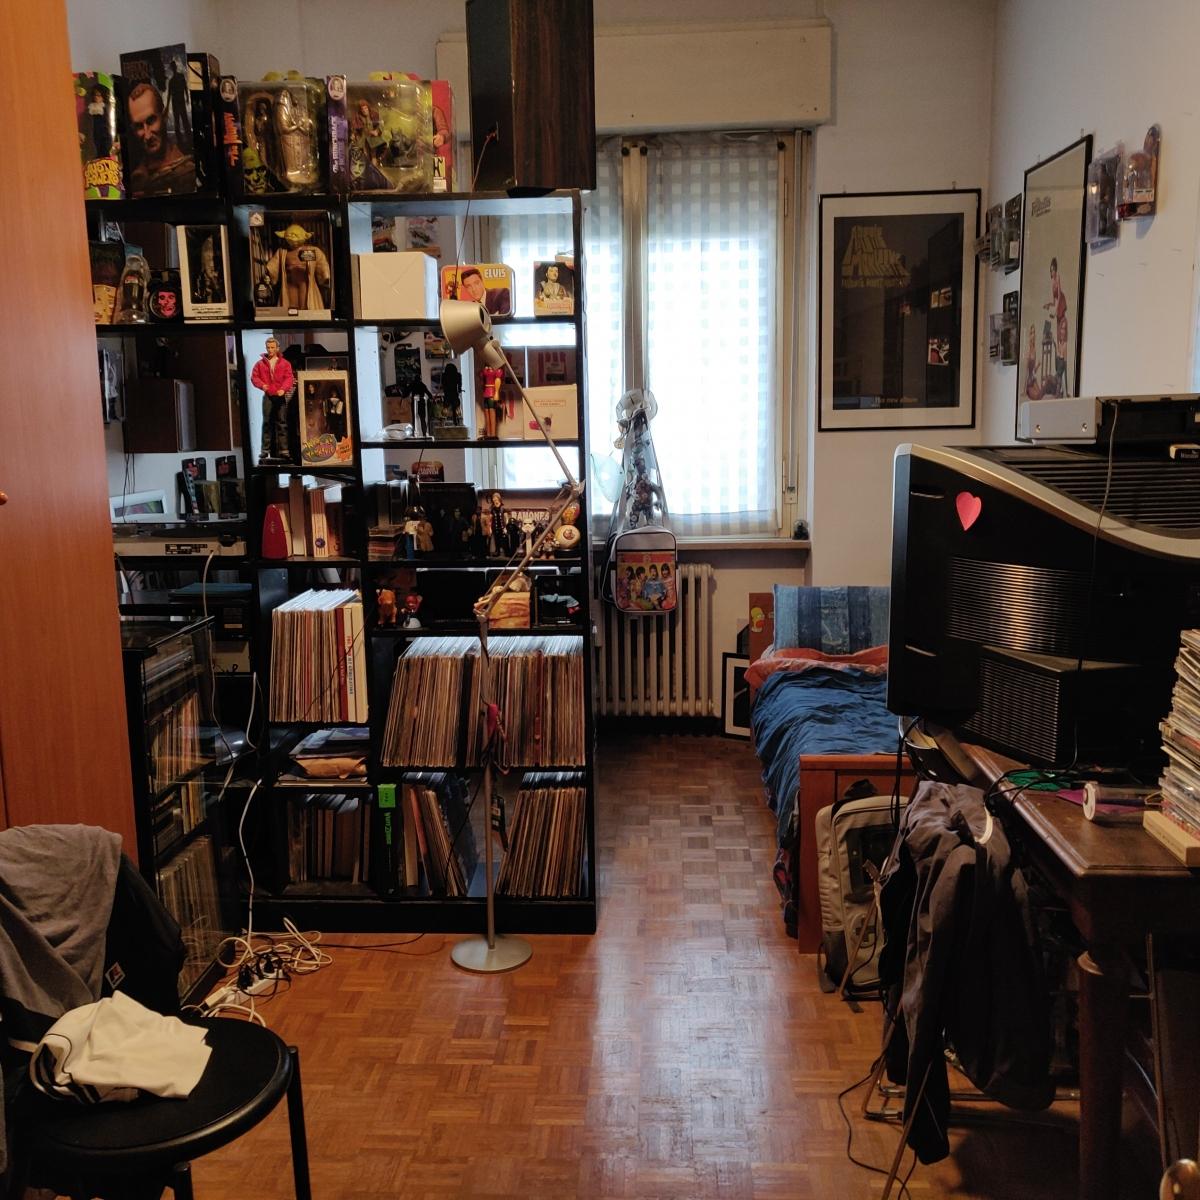 appartamento-in-vendita-baggio-via-gianella-3-locali-spaziourbano-immobiliare-vende-11